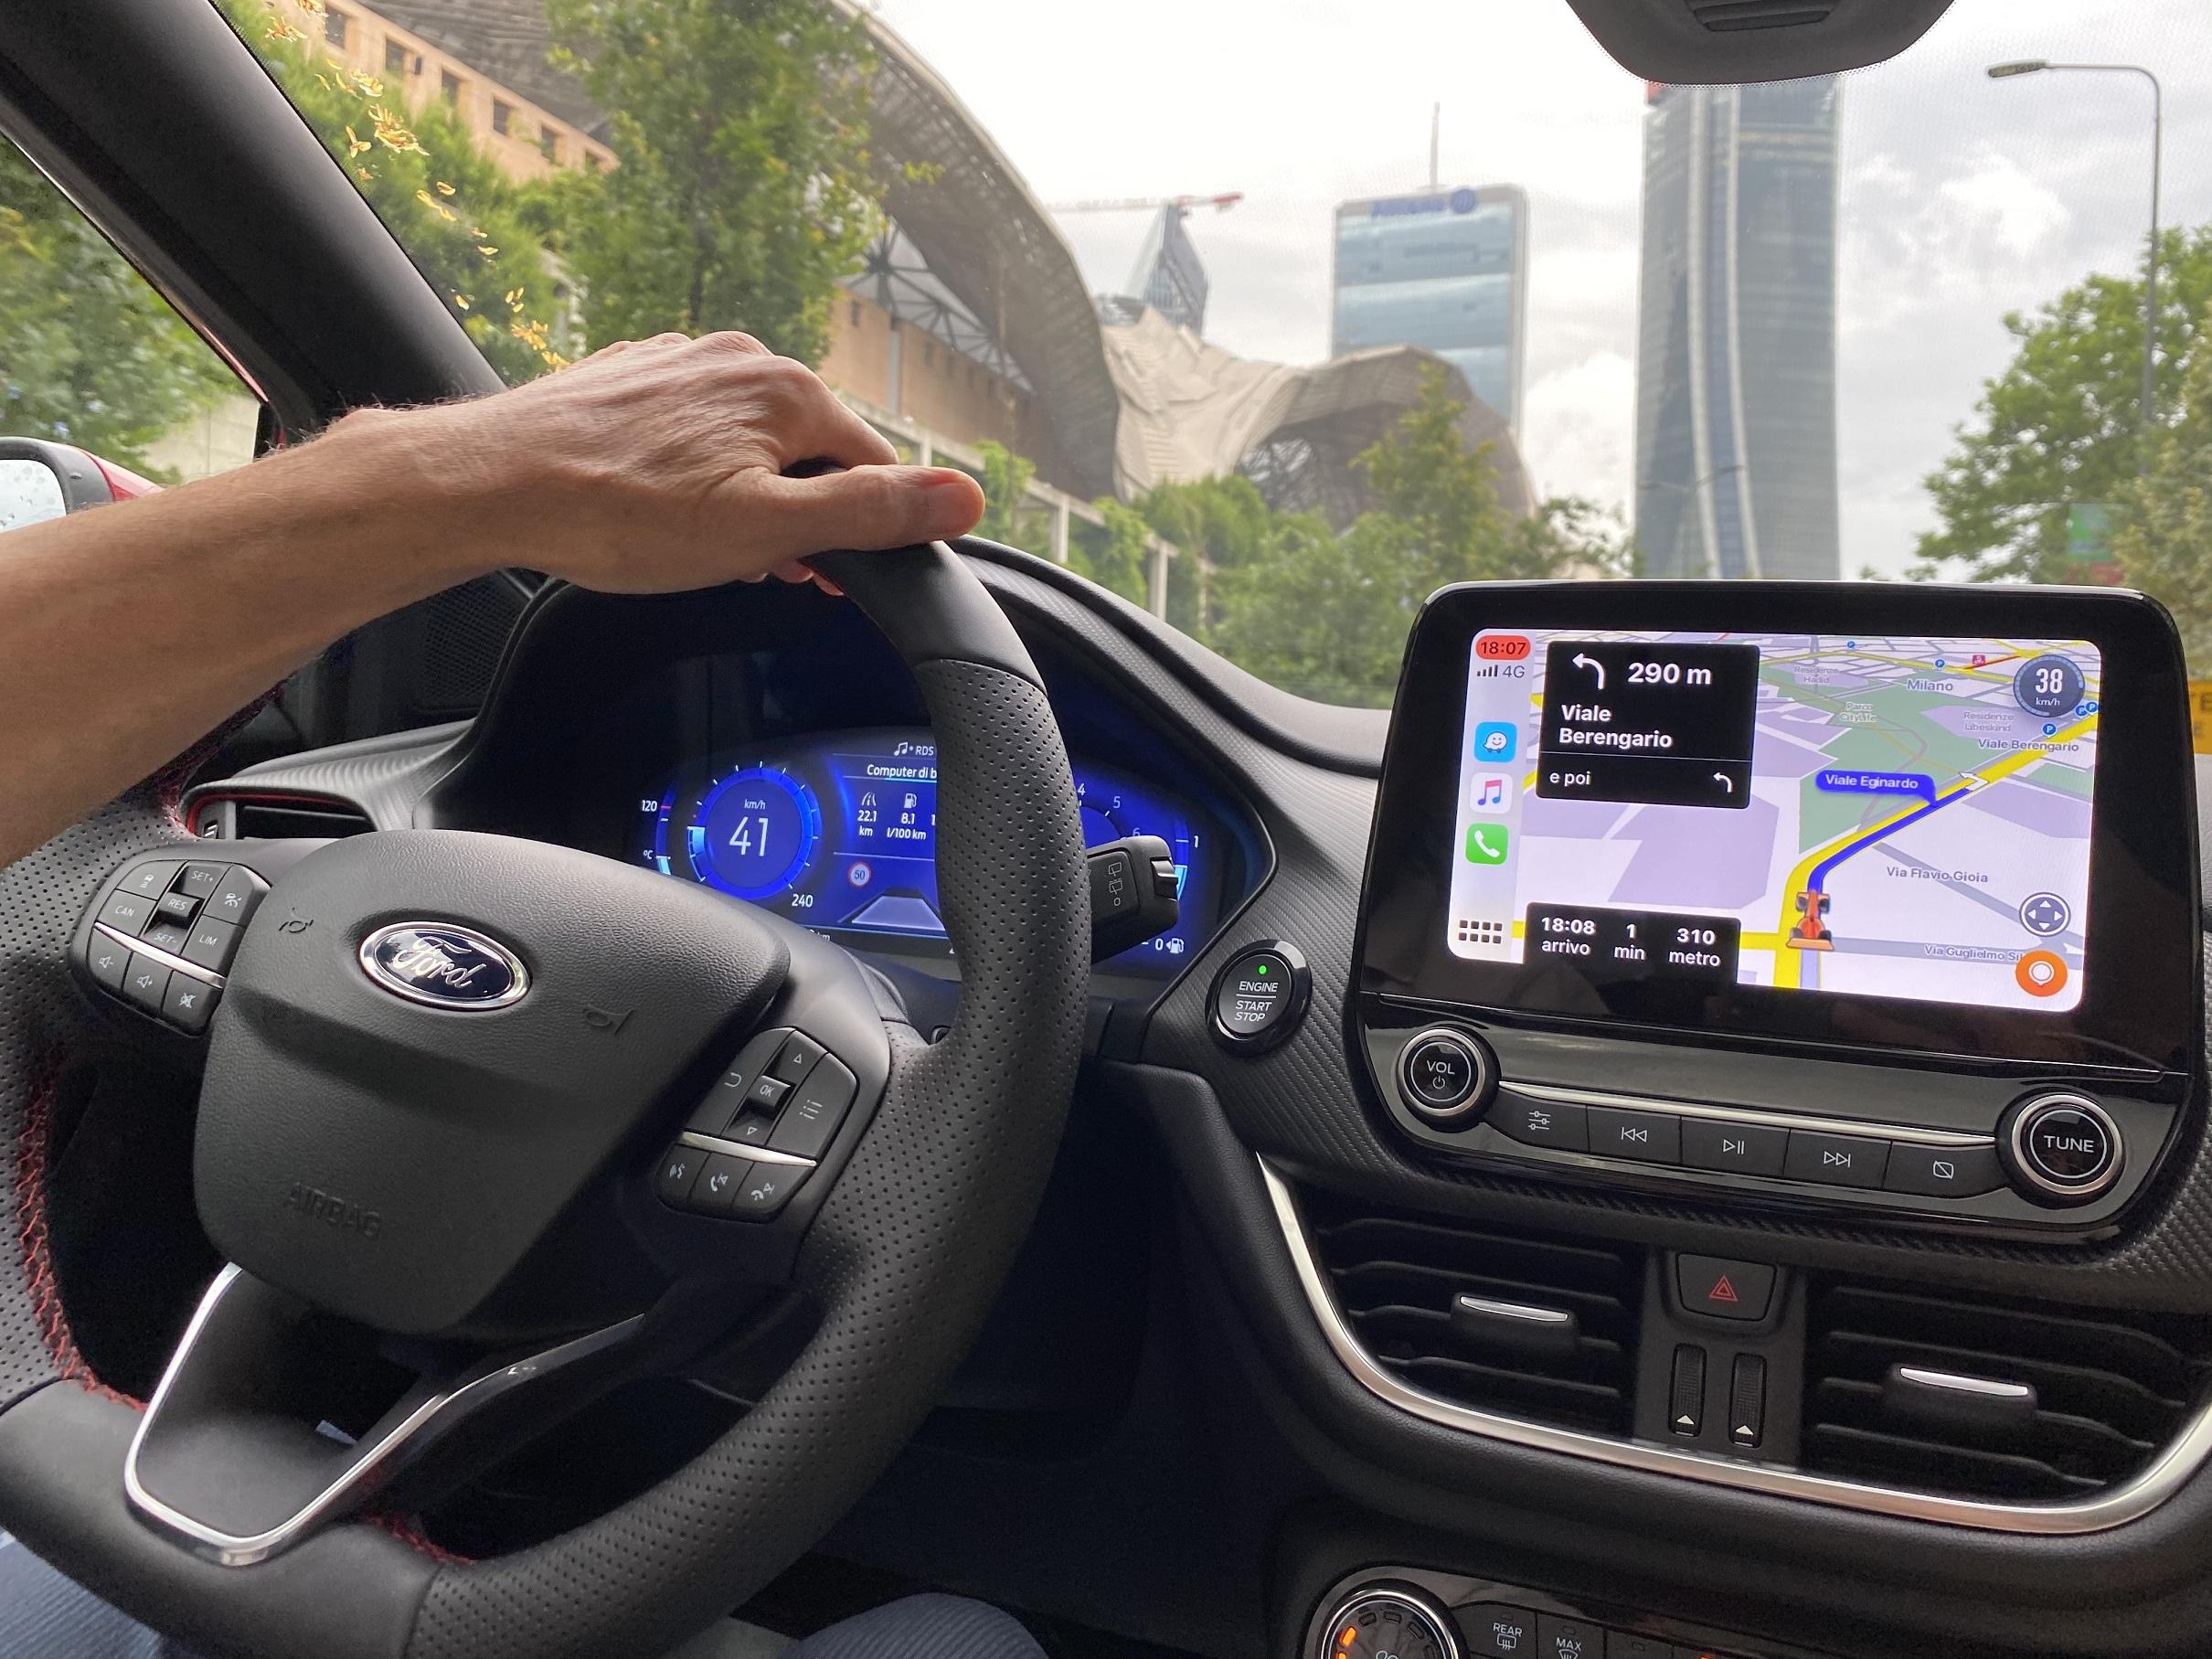 #testdrive #Ibrido e sostenibile come la #FordPuma un SUV eclettico